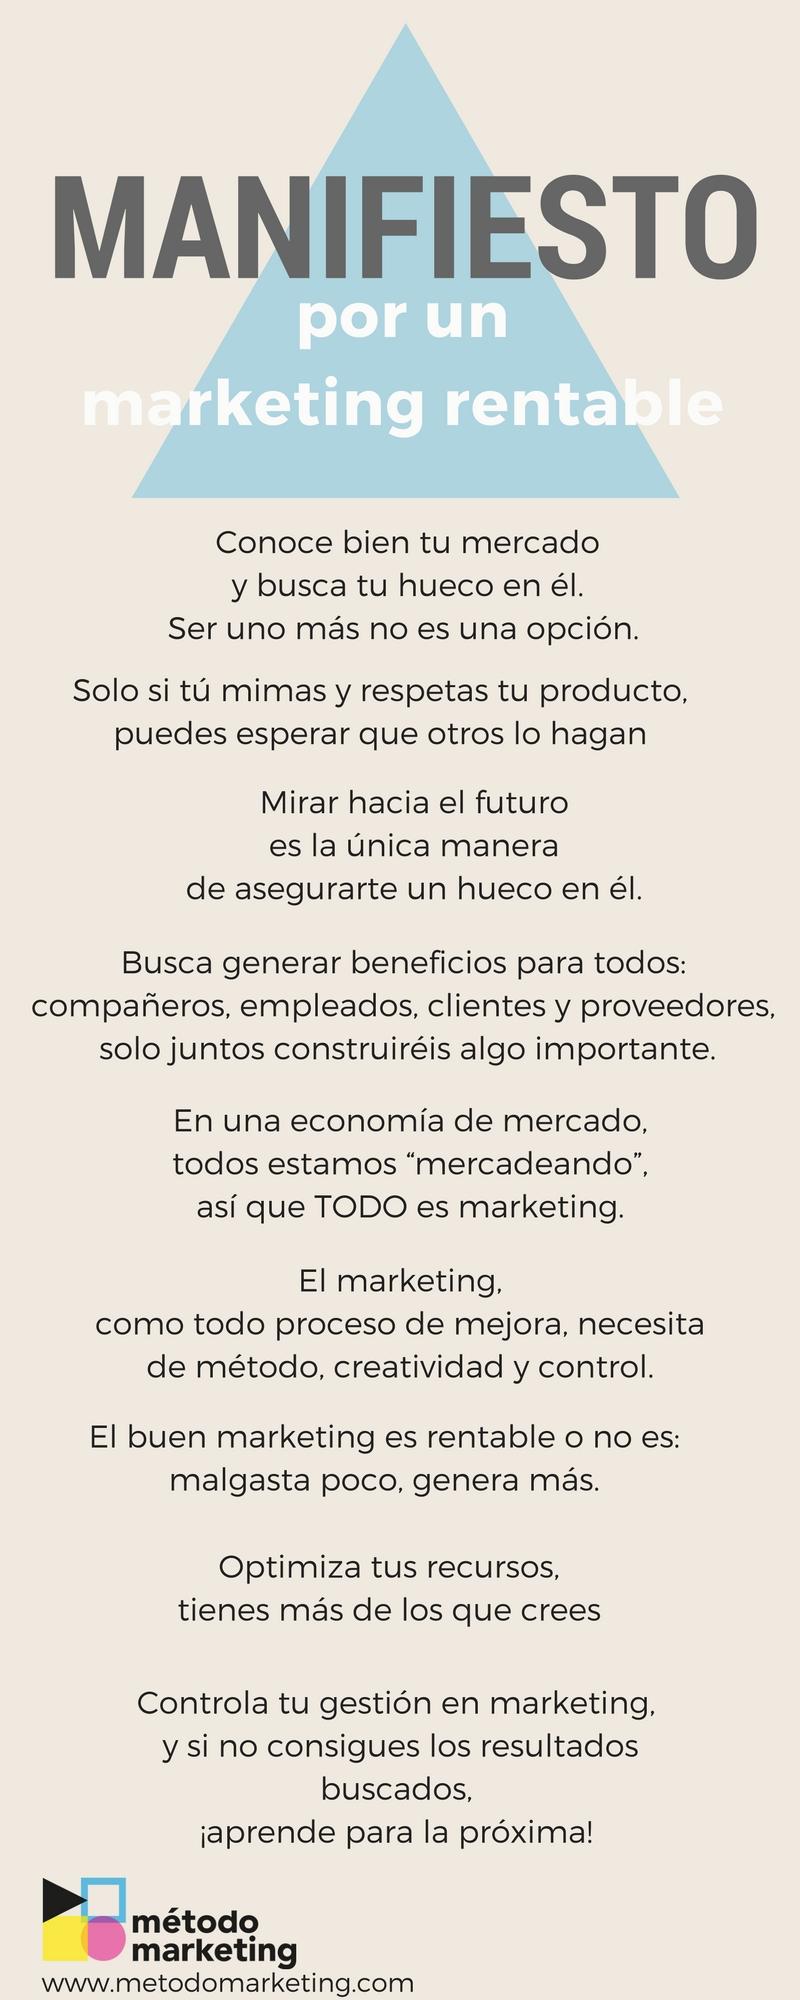 Manifiesto Método marketing